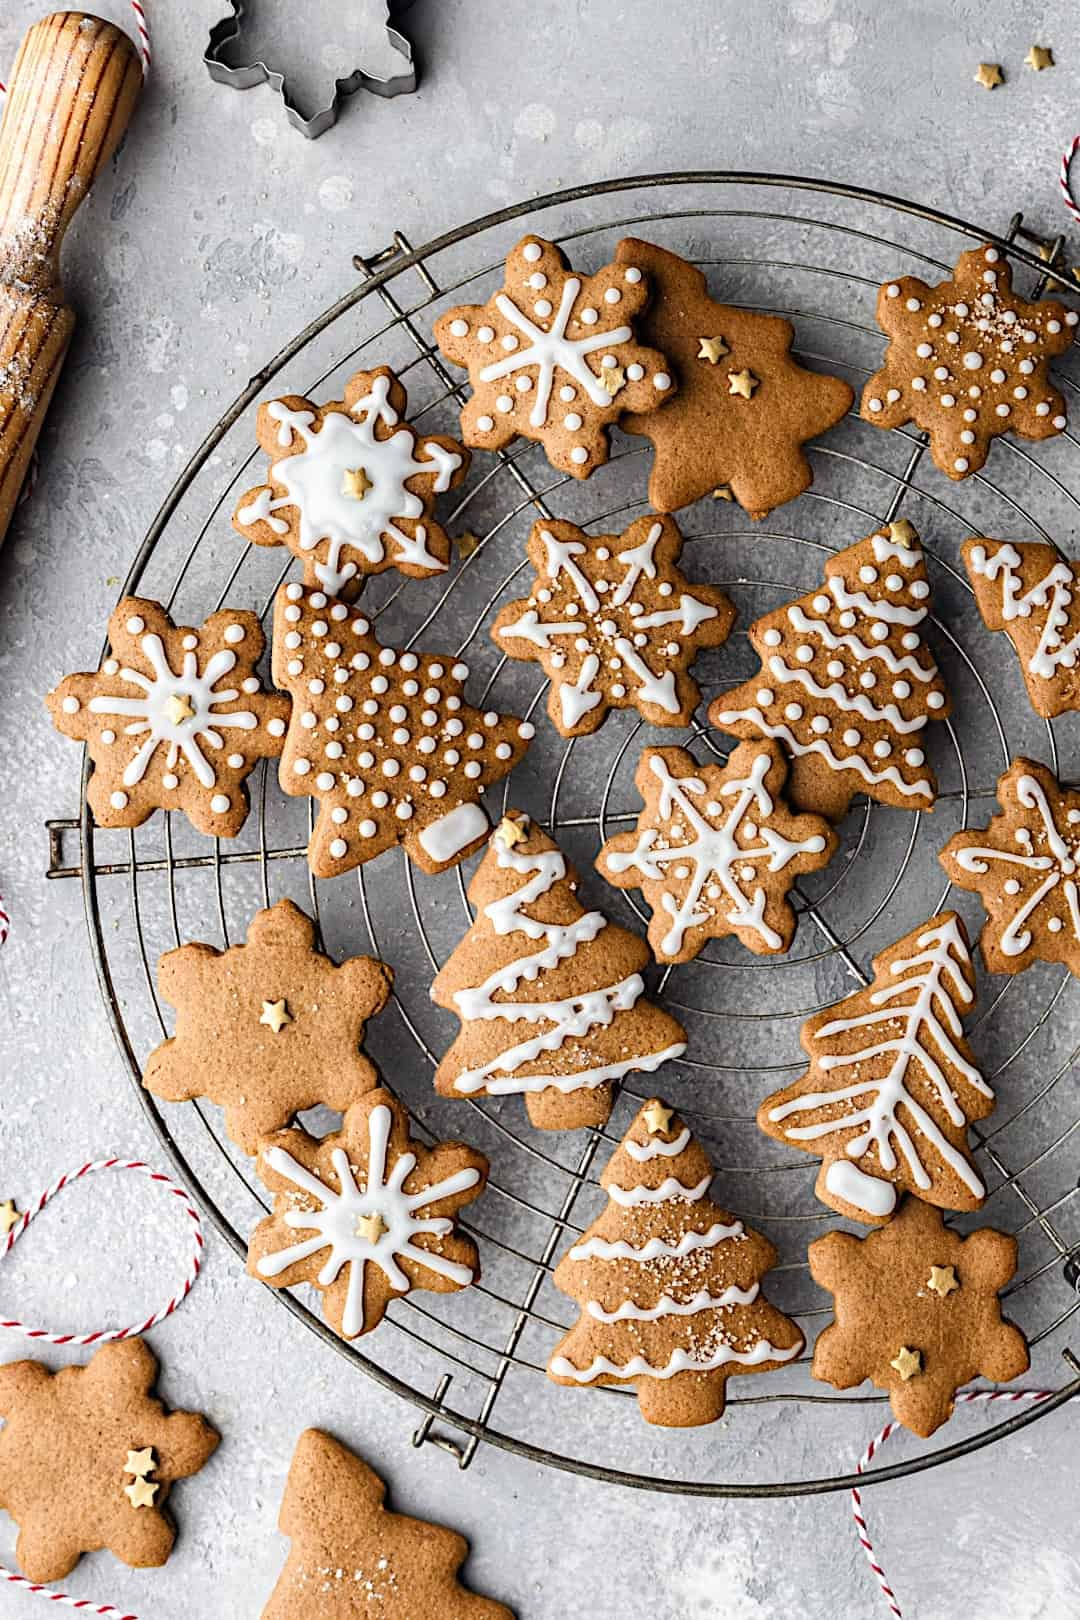 Easy Vegan Gingerbread Cookies #gingerbread #chistmas #vegan #cookies #biscuits #dairyfree